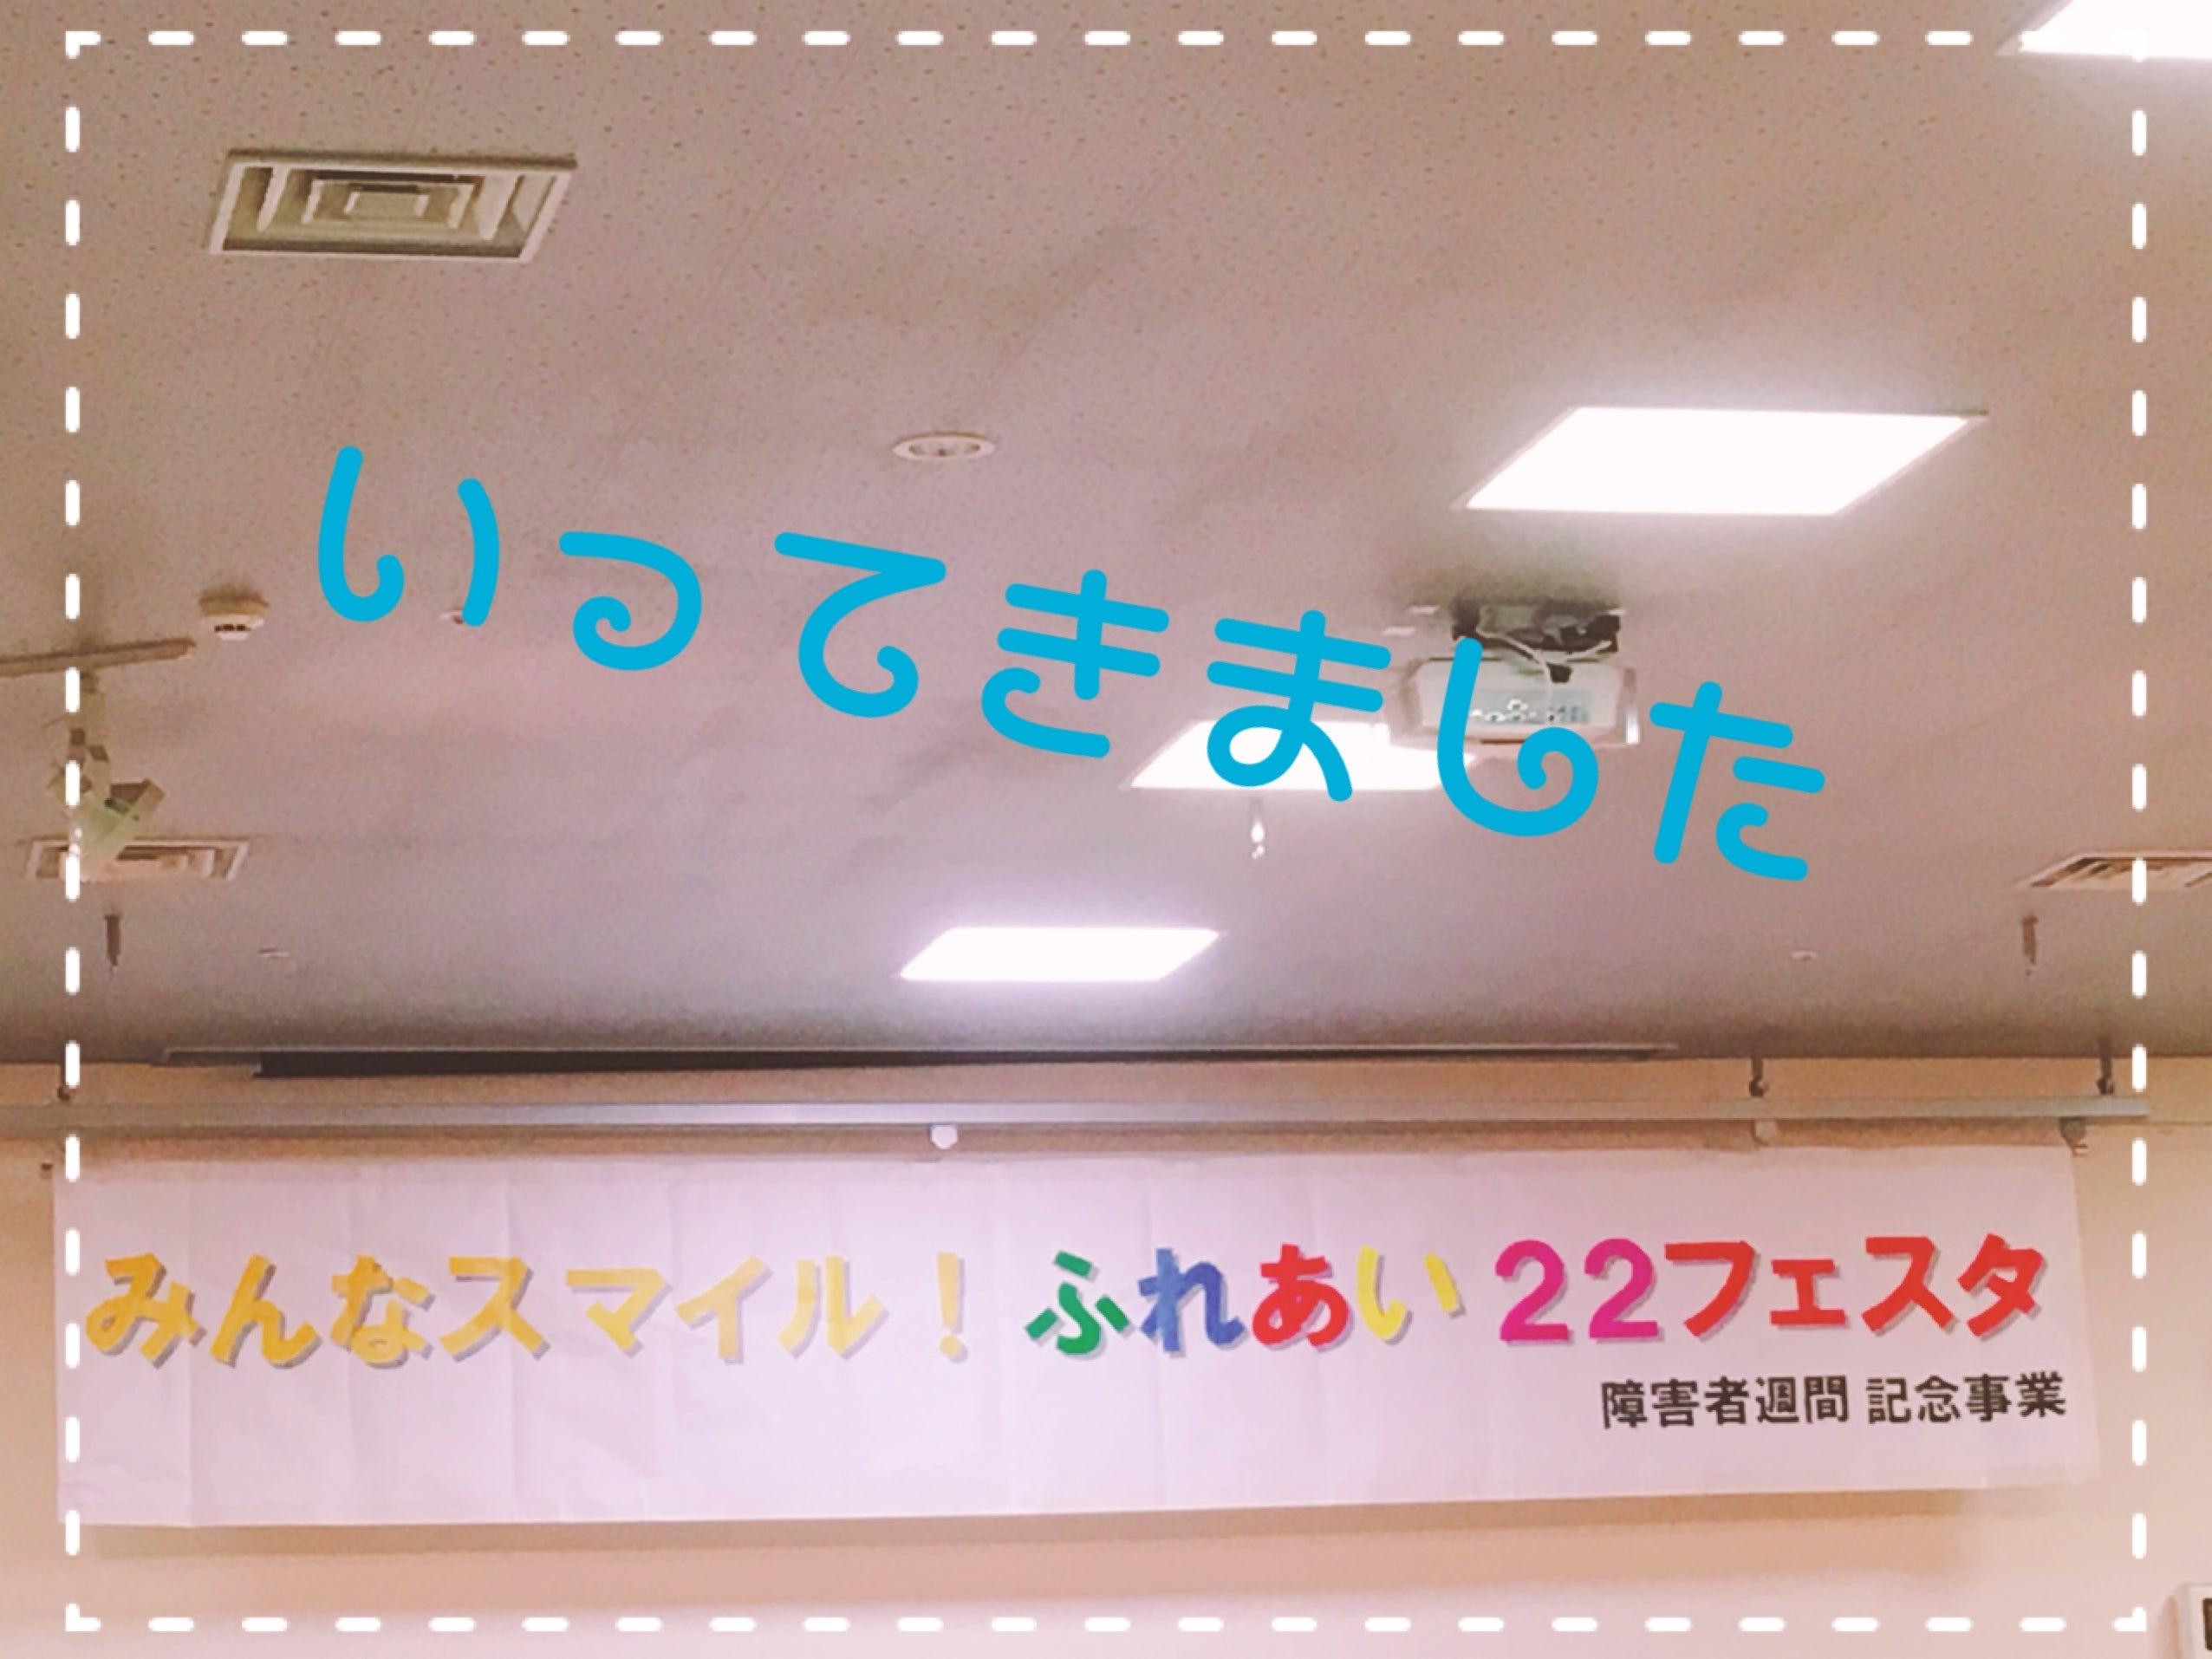 八ヶ崎教室です( *´艸`)